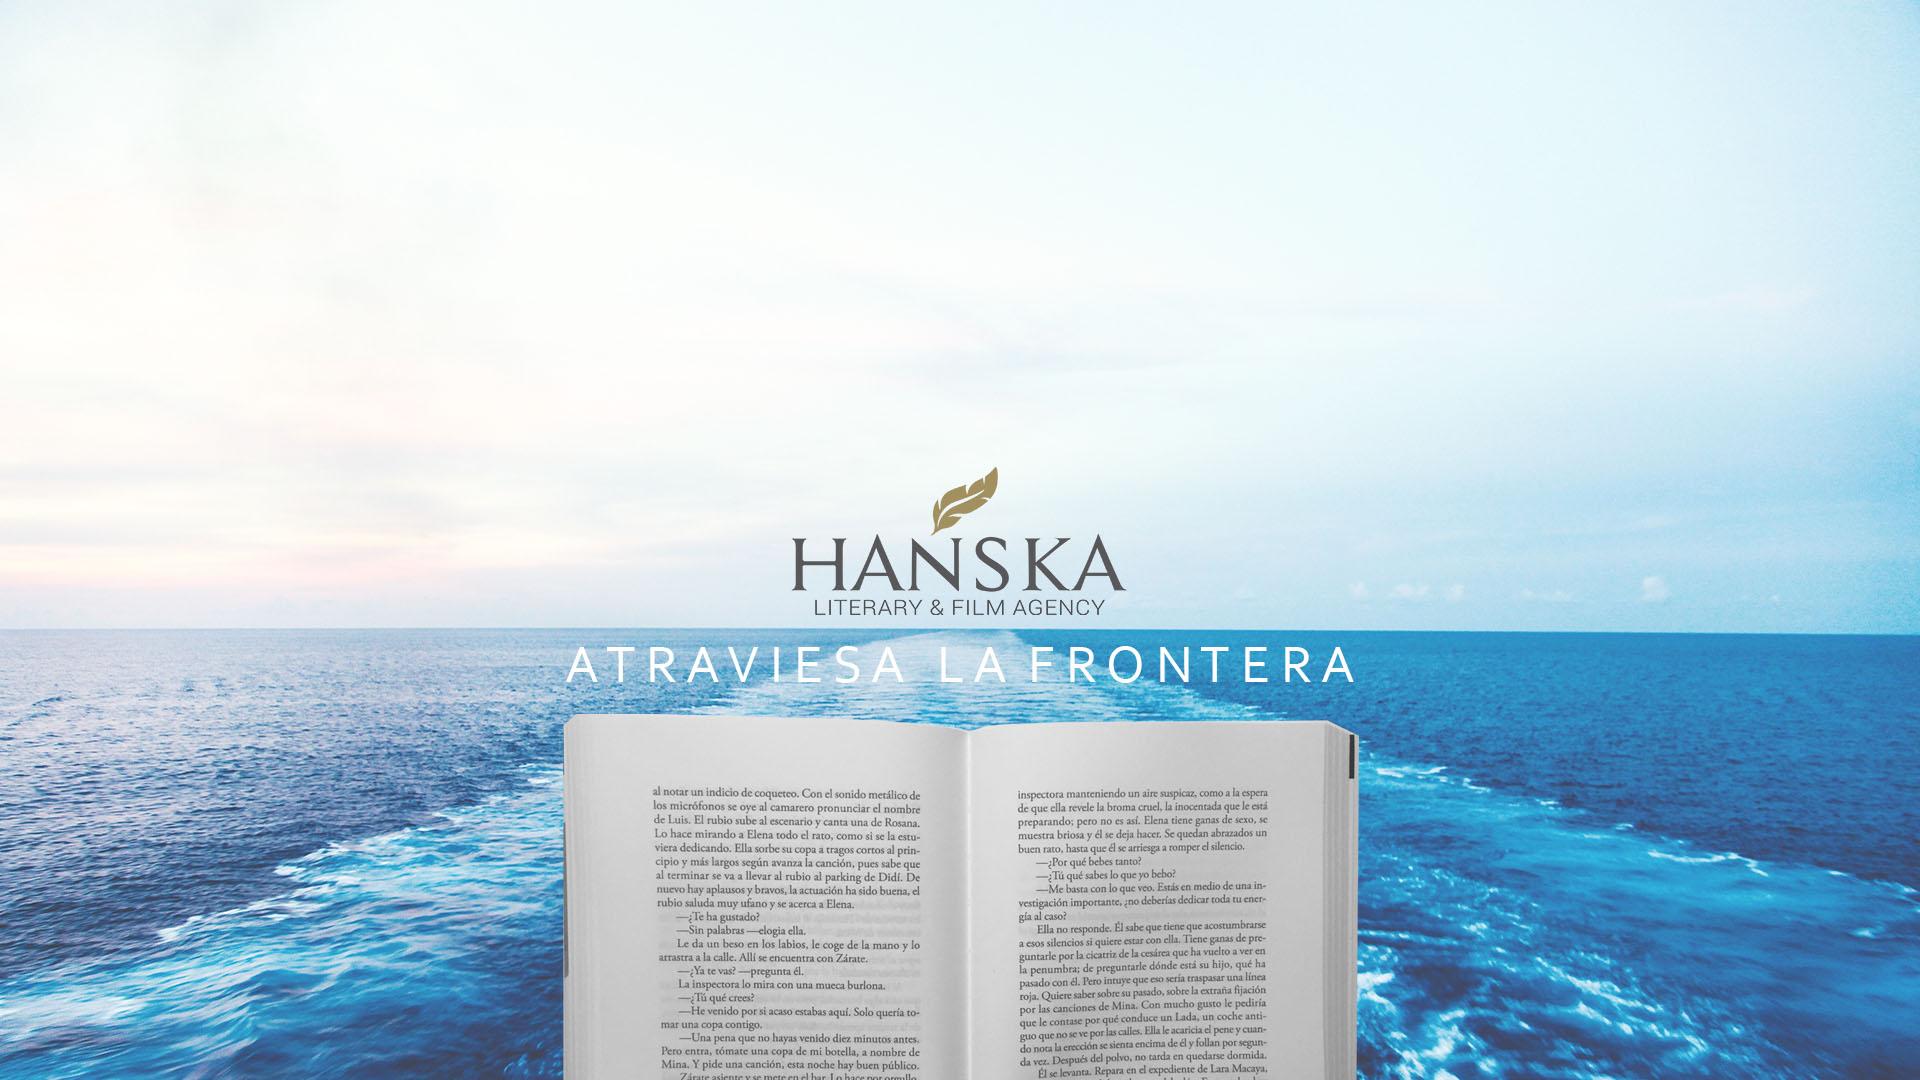 hanska